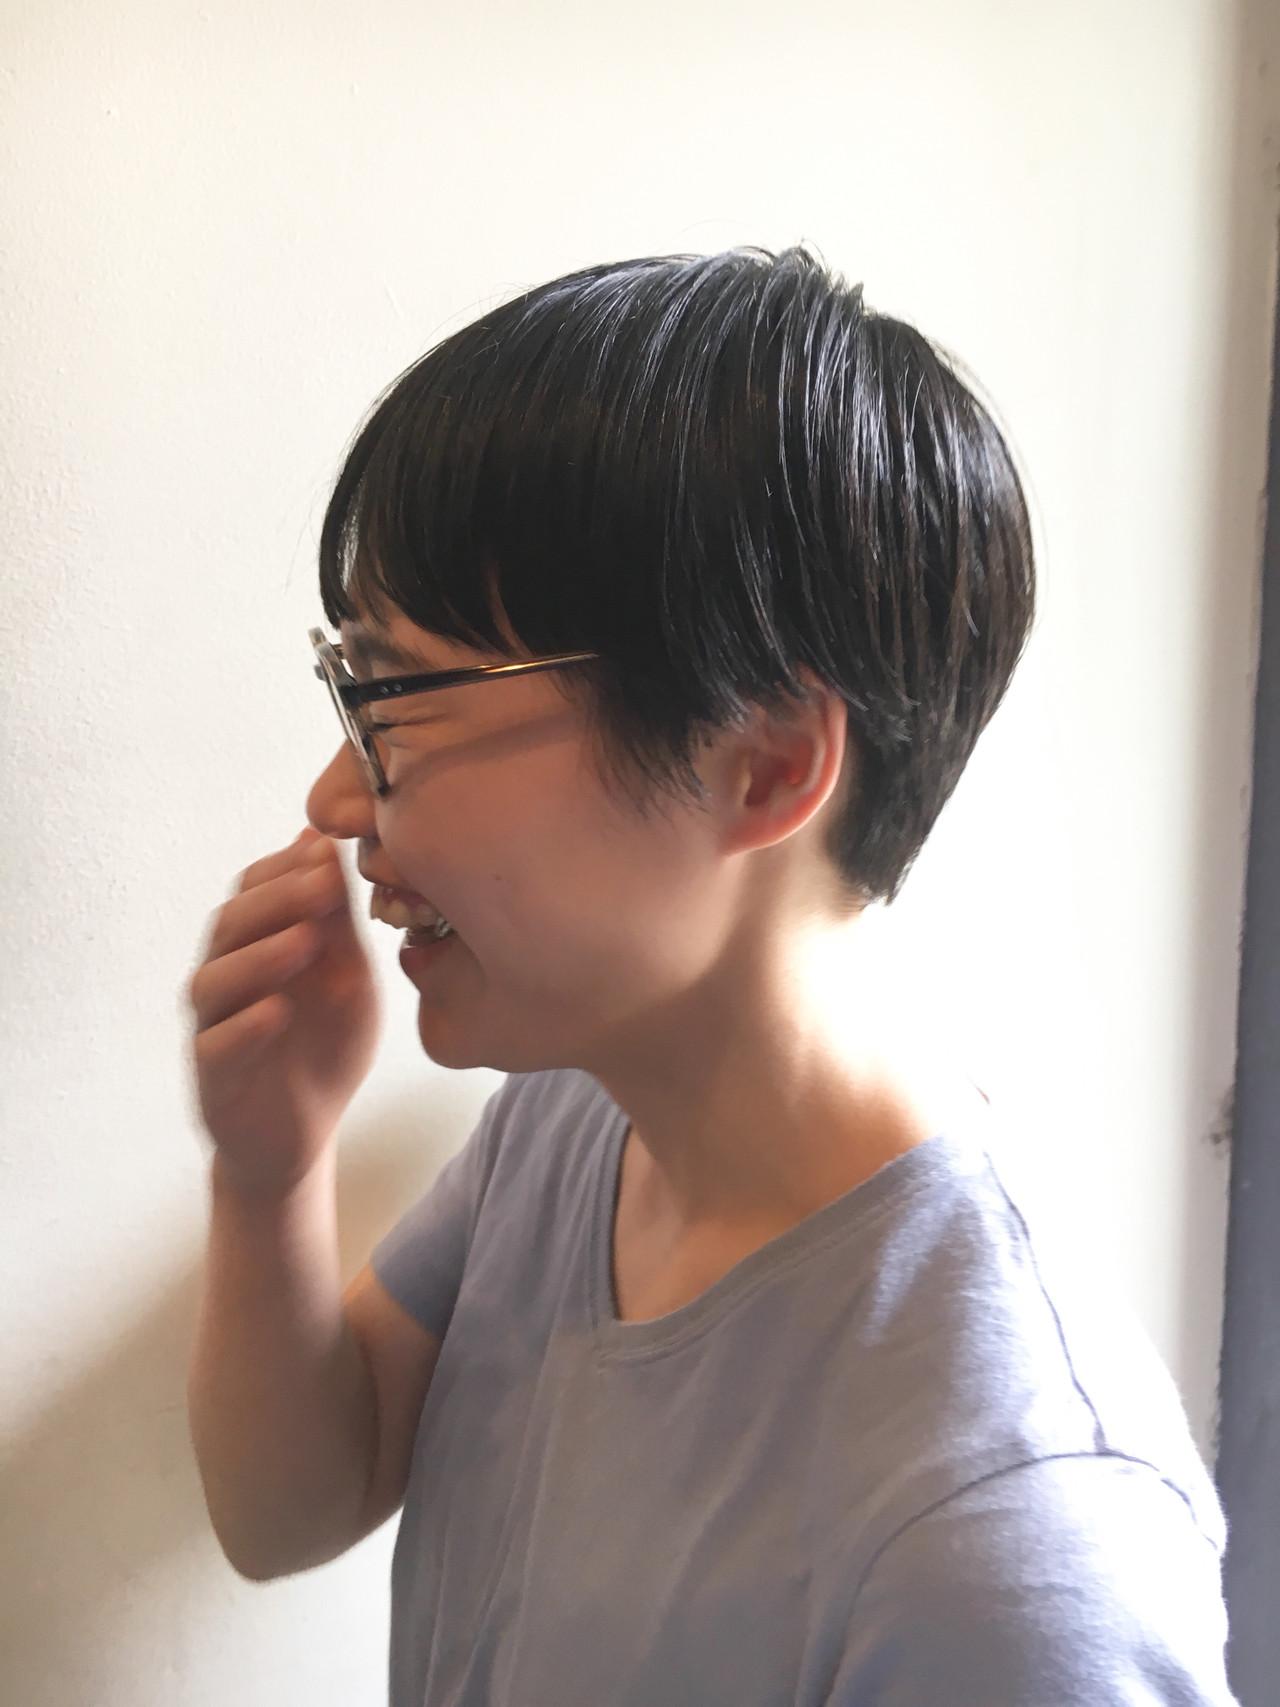 黒髪 マッシュショート マッシュヘア ナチュラル ヘアスタイルや髪型の写真・画像 | 京都/片山 勇馬/ショート / snob